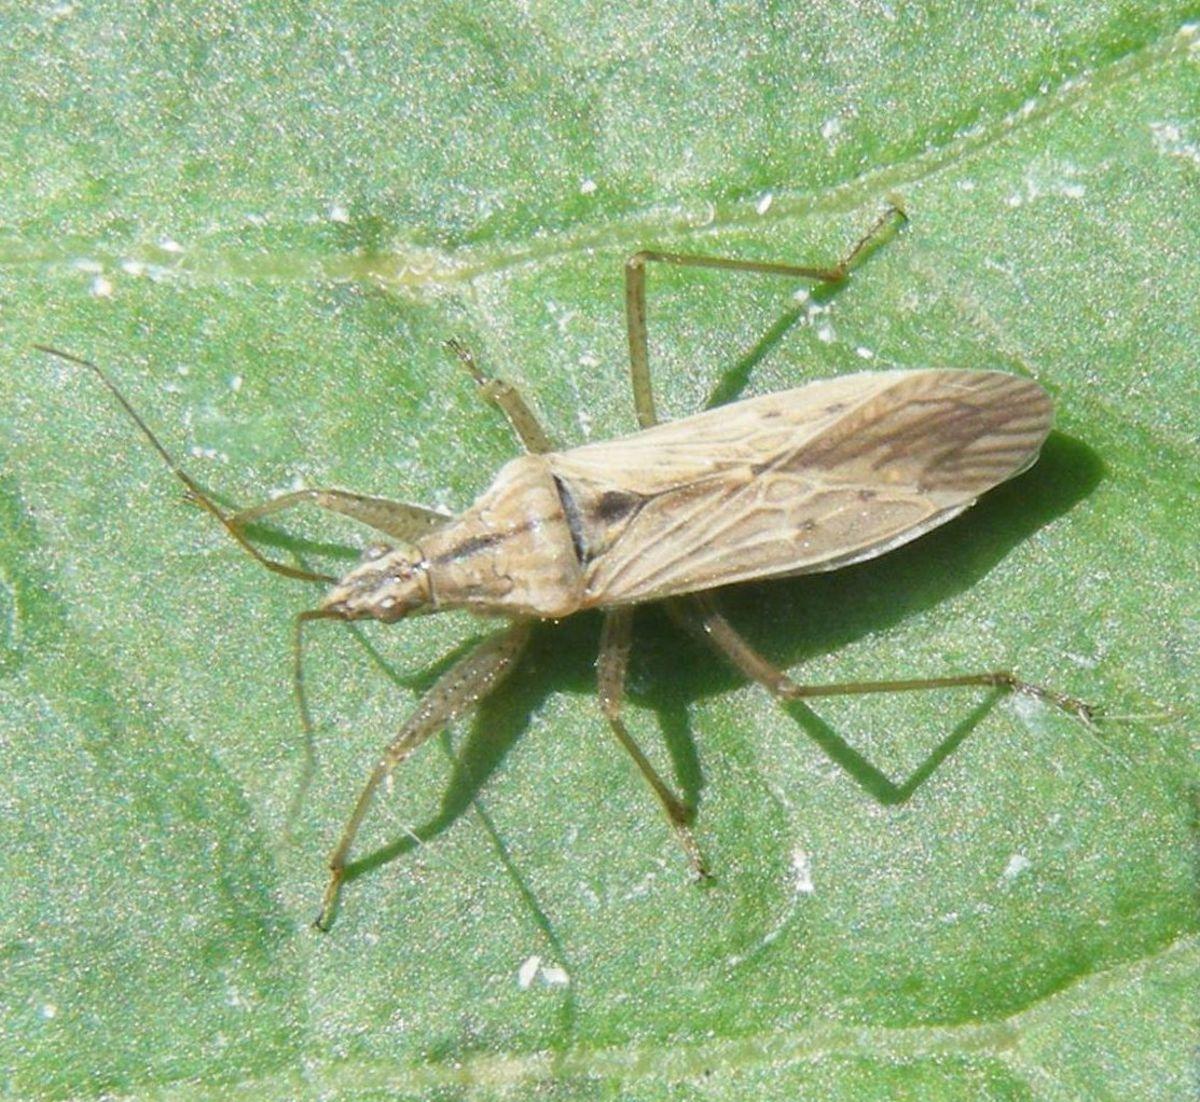 Field Damsel Bug (Nabis ferus)